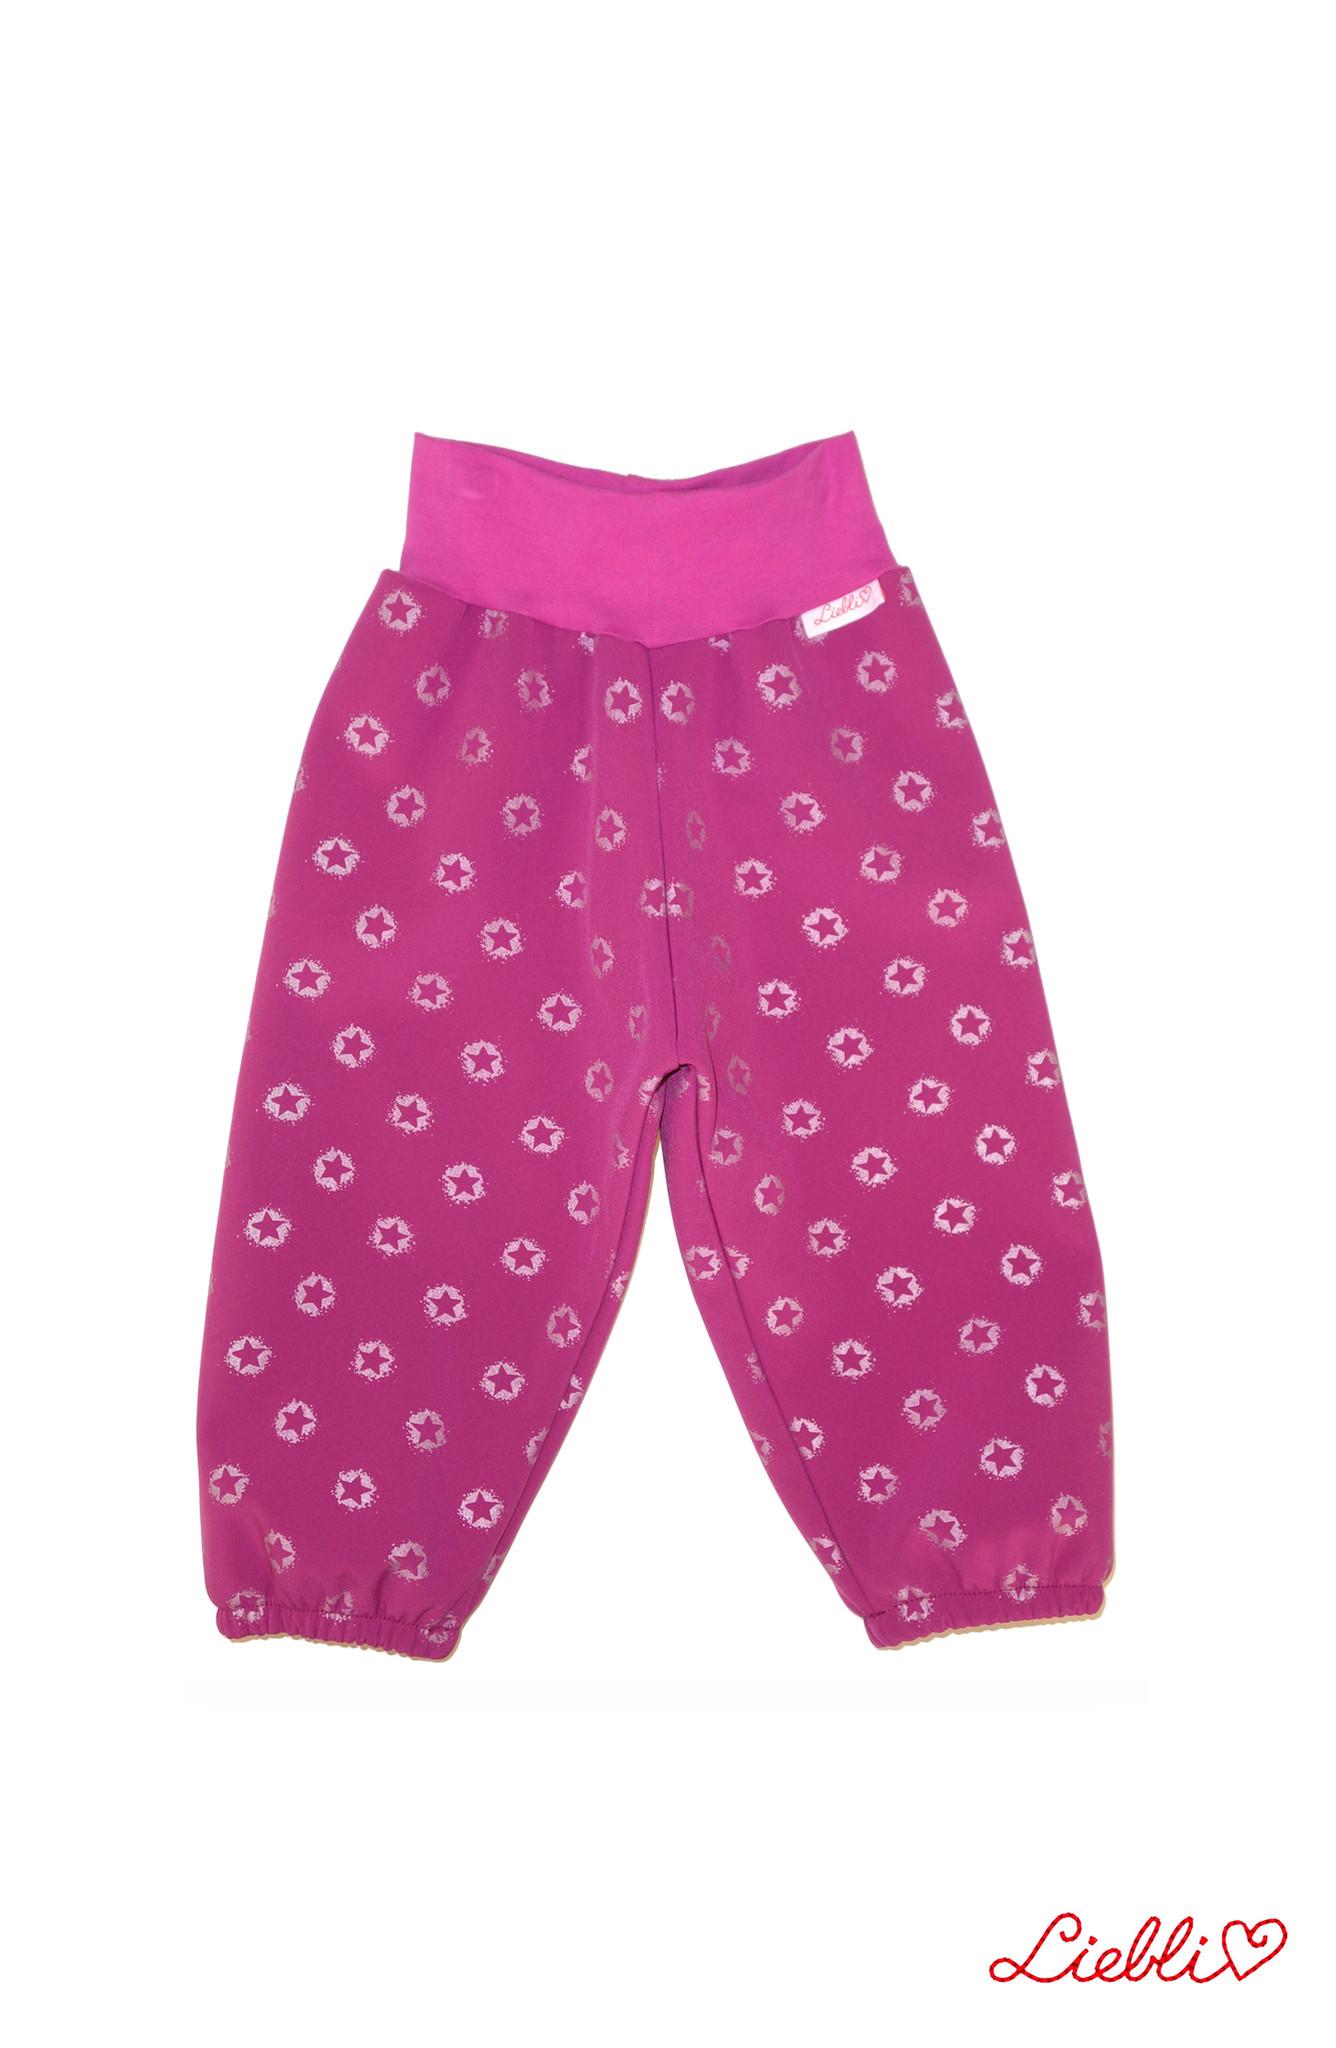 Softshell Hose für Kinder, Outdoor Hose, Regenhose, pink mit reflektierenden Sternen